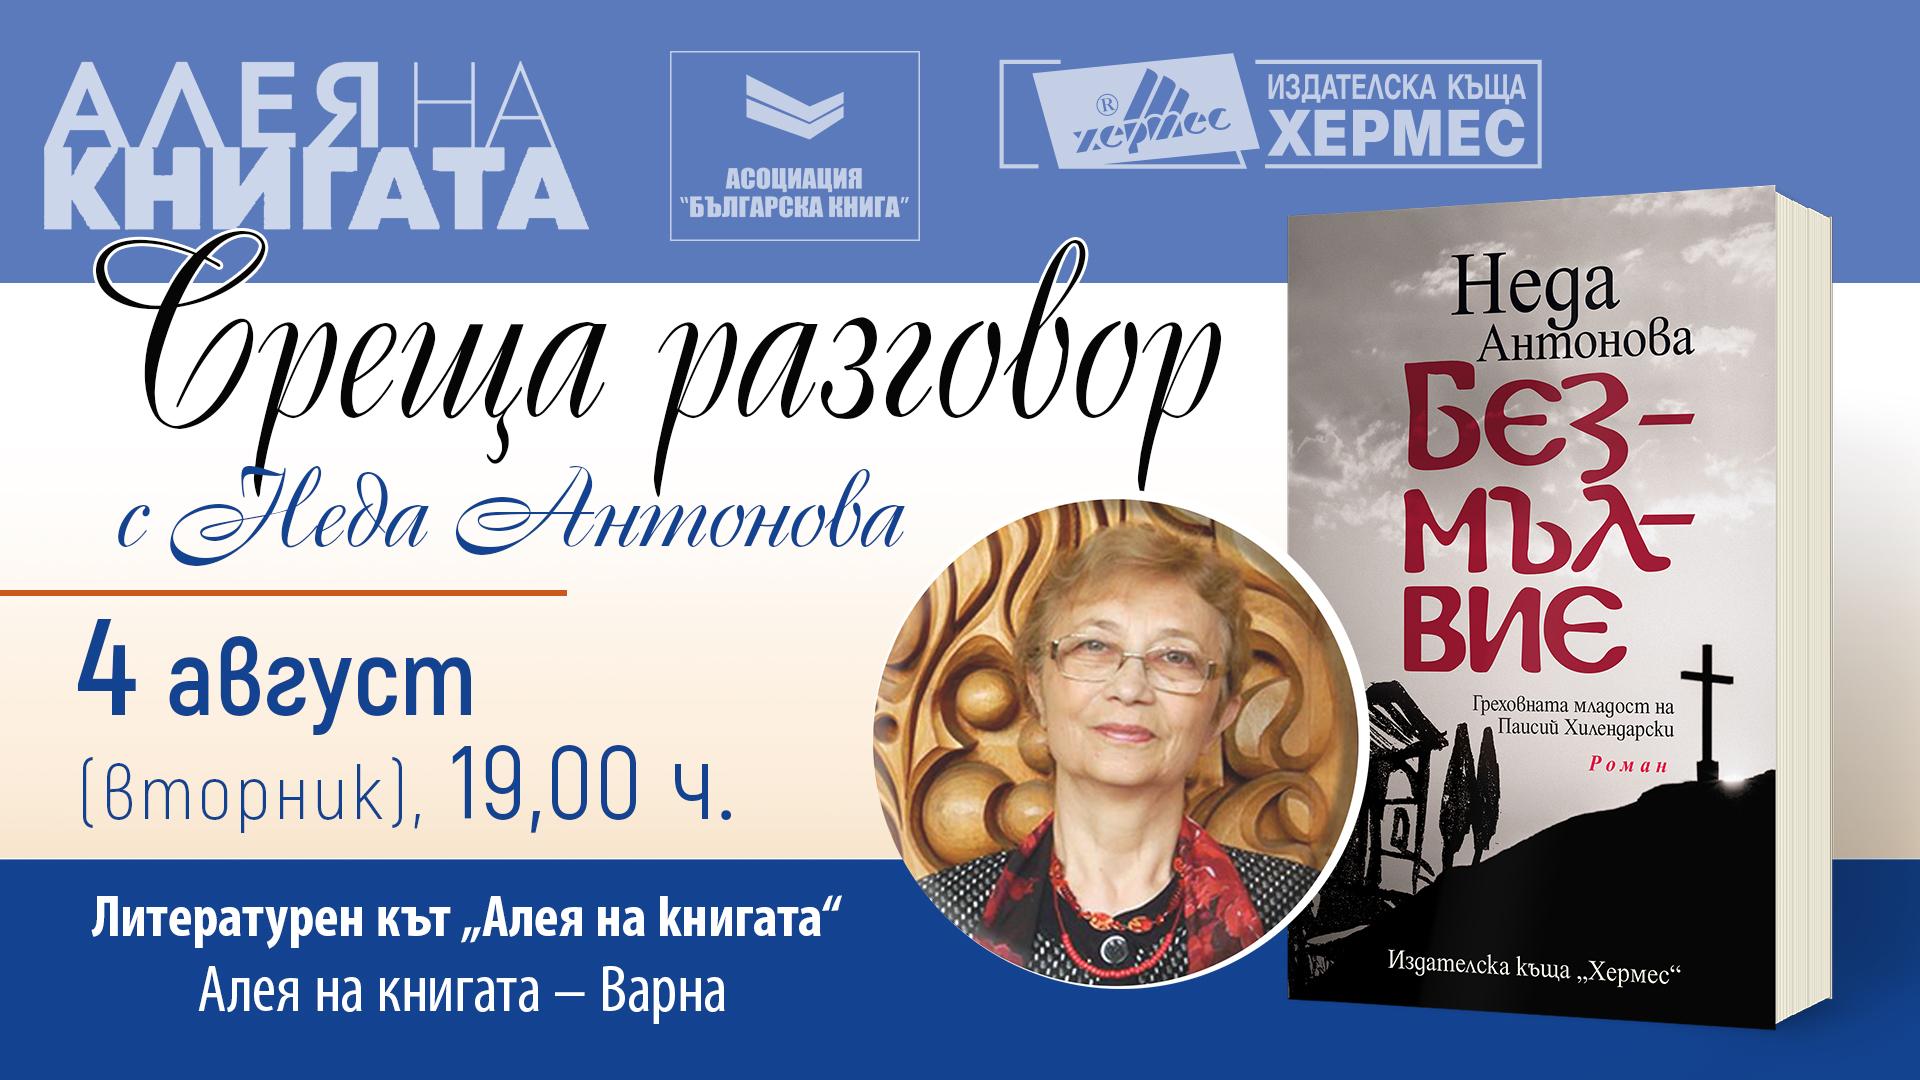 Среща разговор с Неда Антонова - Алея на книгата - Варна